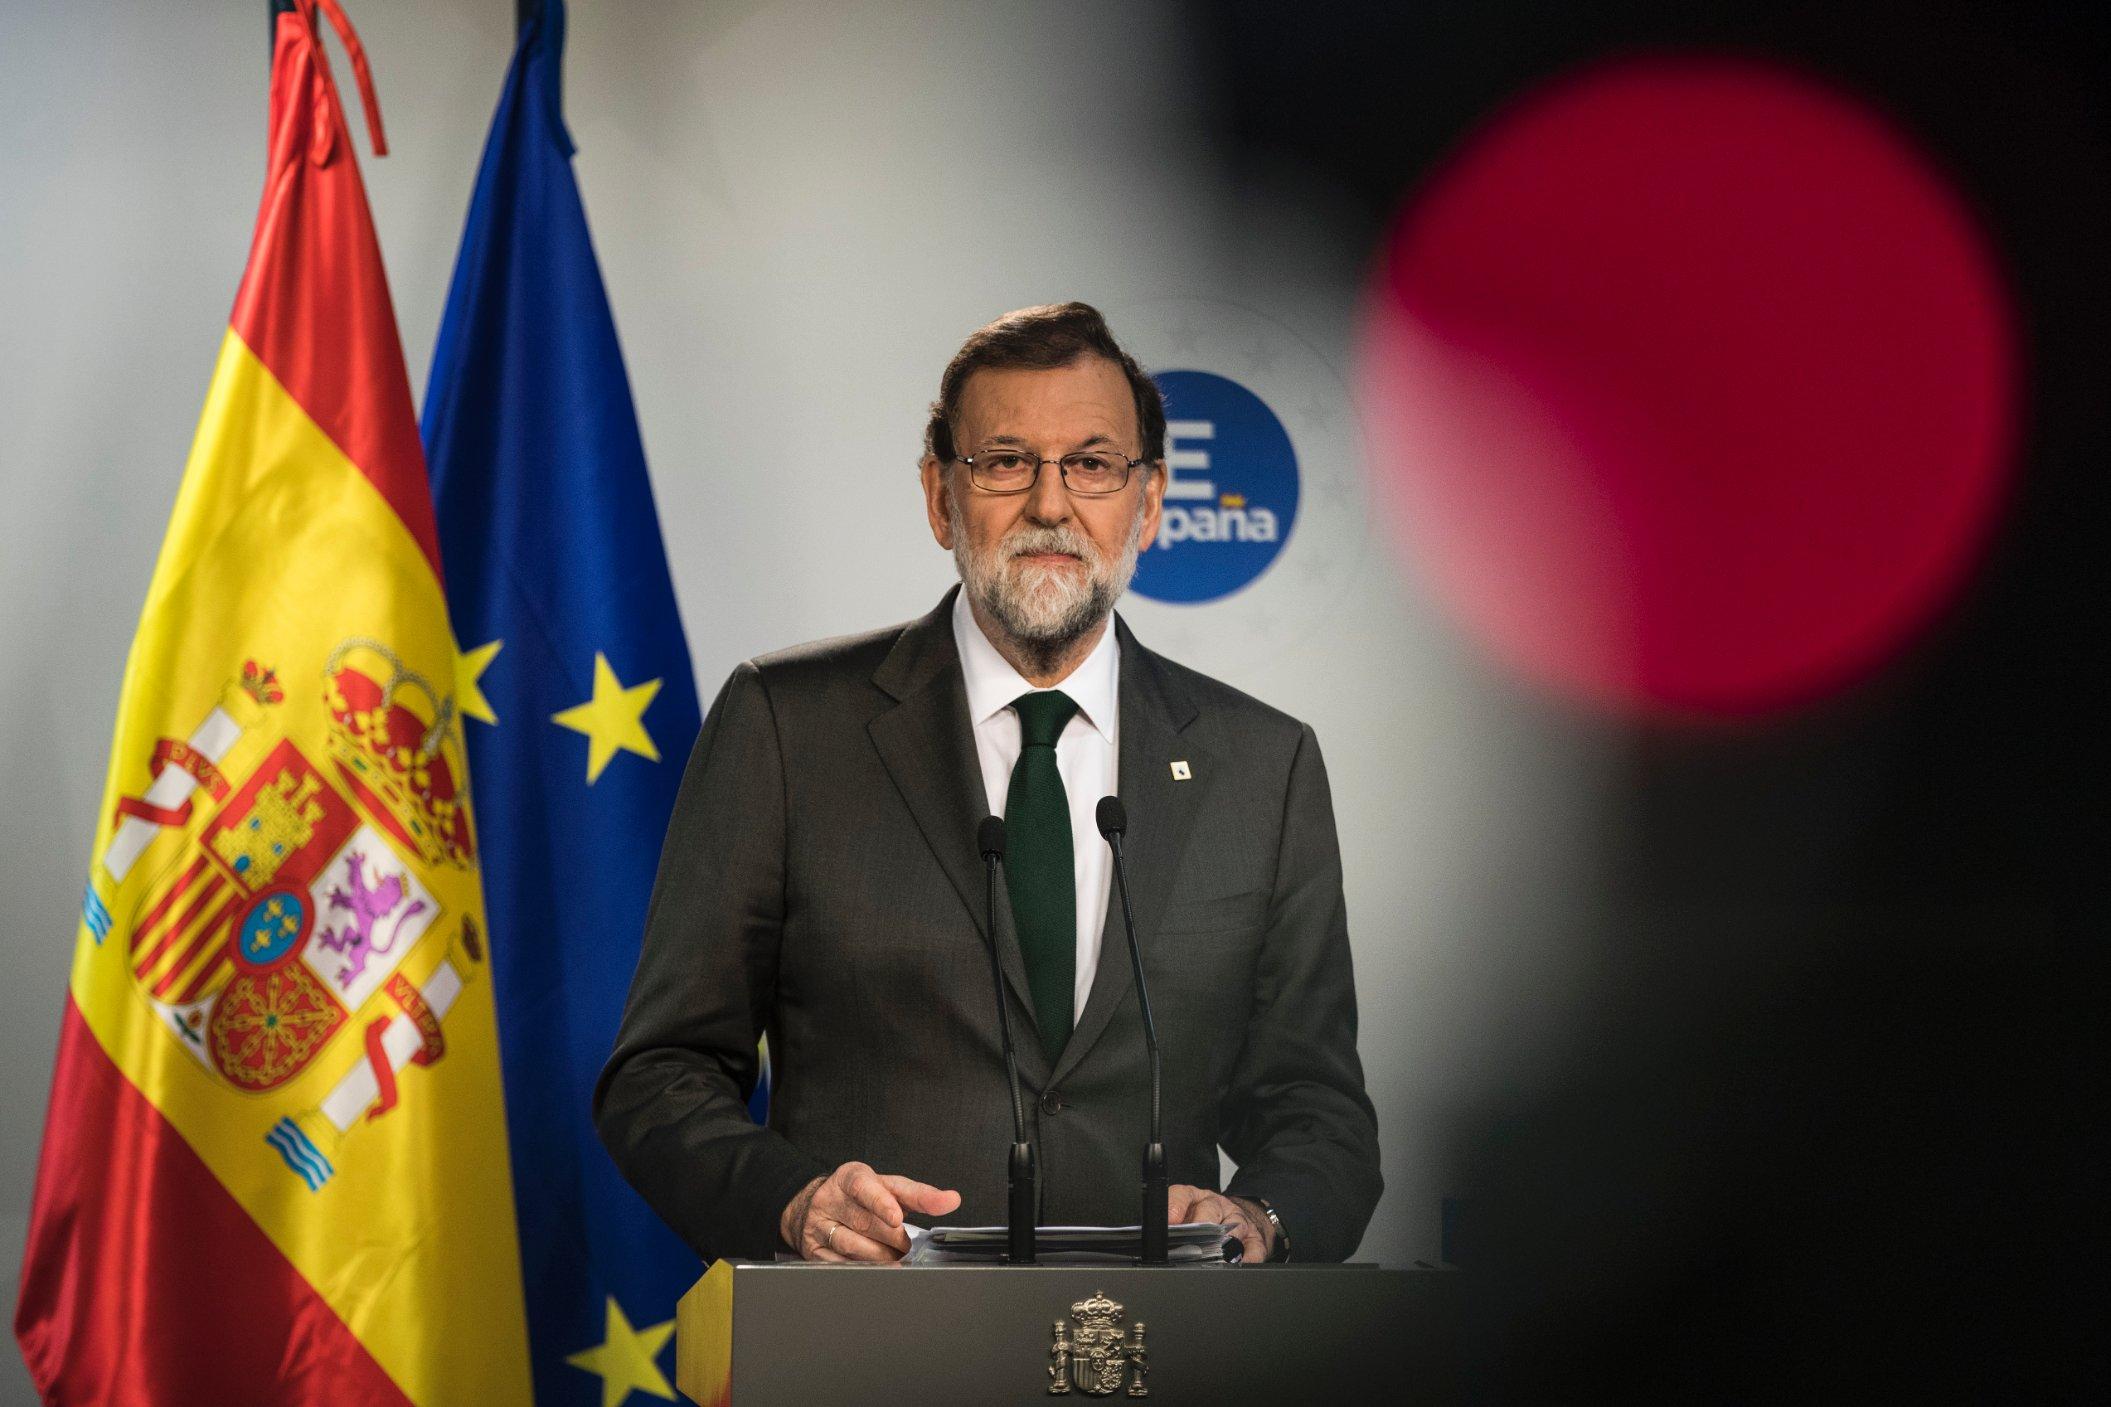 di Alessandro Campi Quanto può essere carismatico un impiegato del catasto? E infatti Mariano Rajoy – l'ex primo ministro spagnolo – tutto è stato meno che un trascinatore di folle, un demagogo o un grande intrattenitore. Quando teneva un discorso o faceva una dichiarazione, come capo di partito o di governo, nessun elettore spagnolo pendeva dalle sue labbra, anche se lo si ascoltava con rispetto. Ѐ stato semmai un travet della politica: metodico,